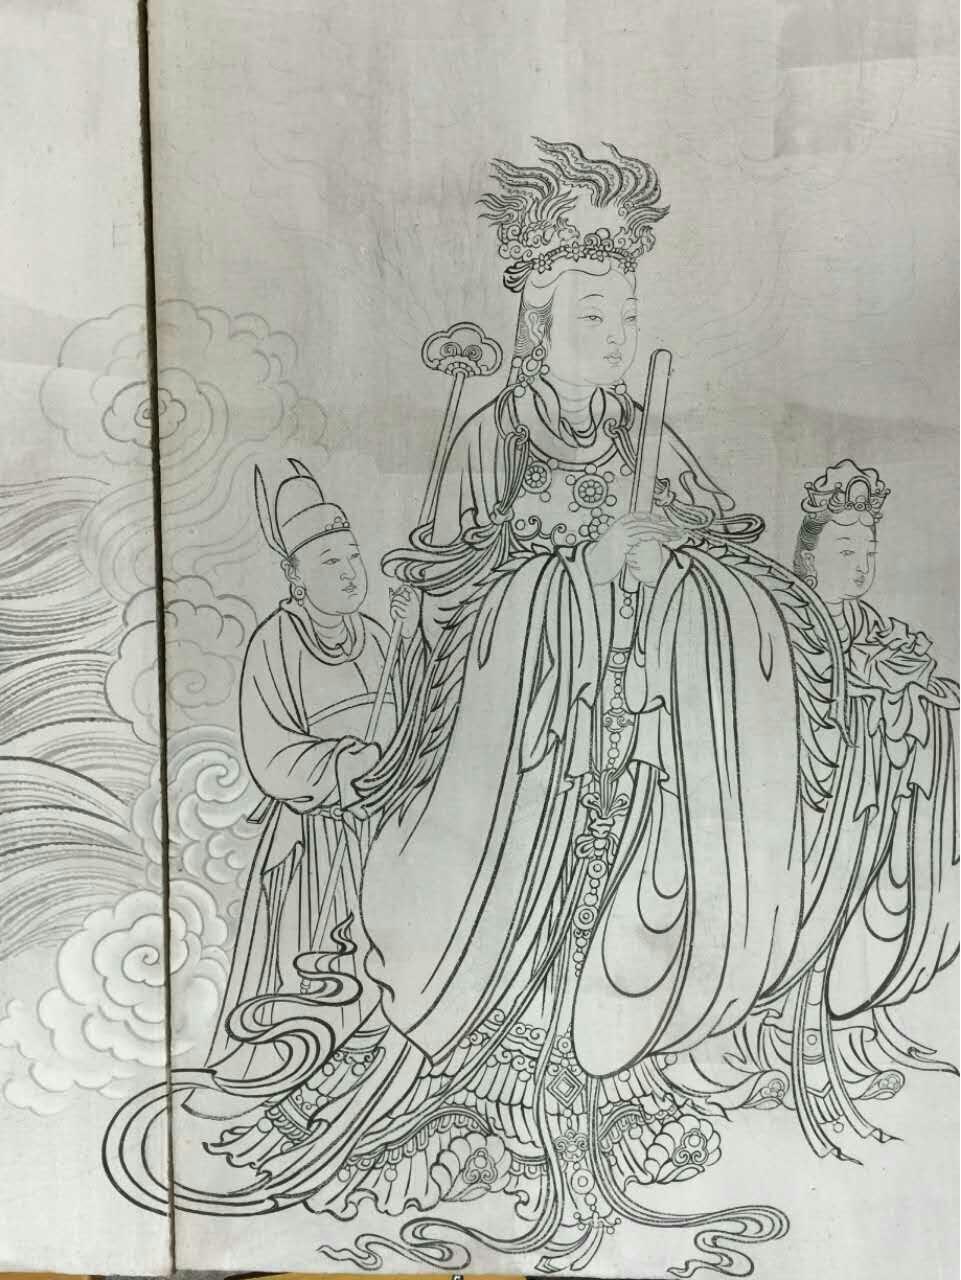 大光画记 山西高平炎帝陵炎帝大殿主体泥墙传统壁画图片